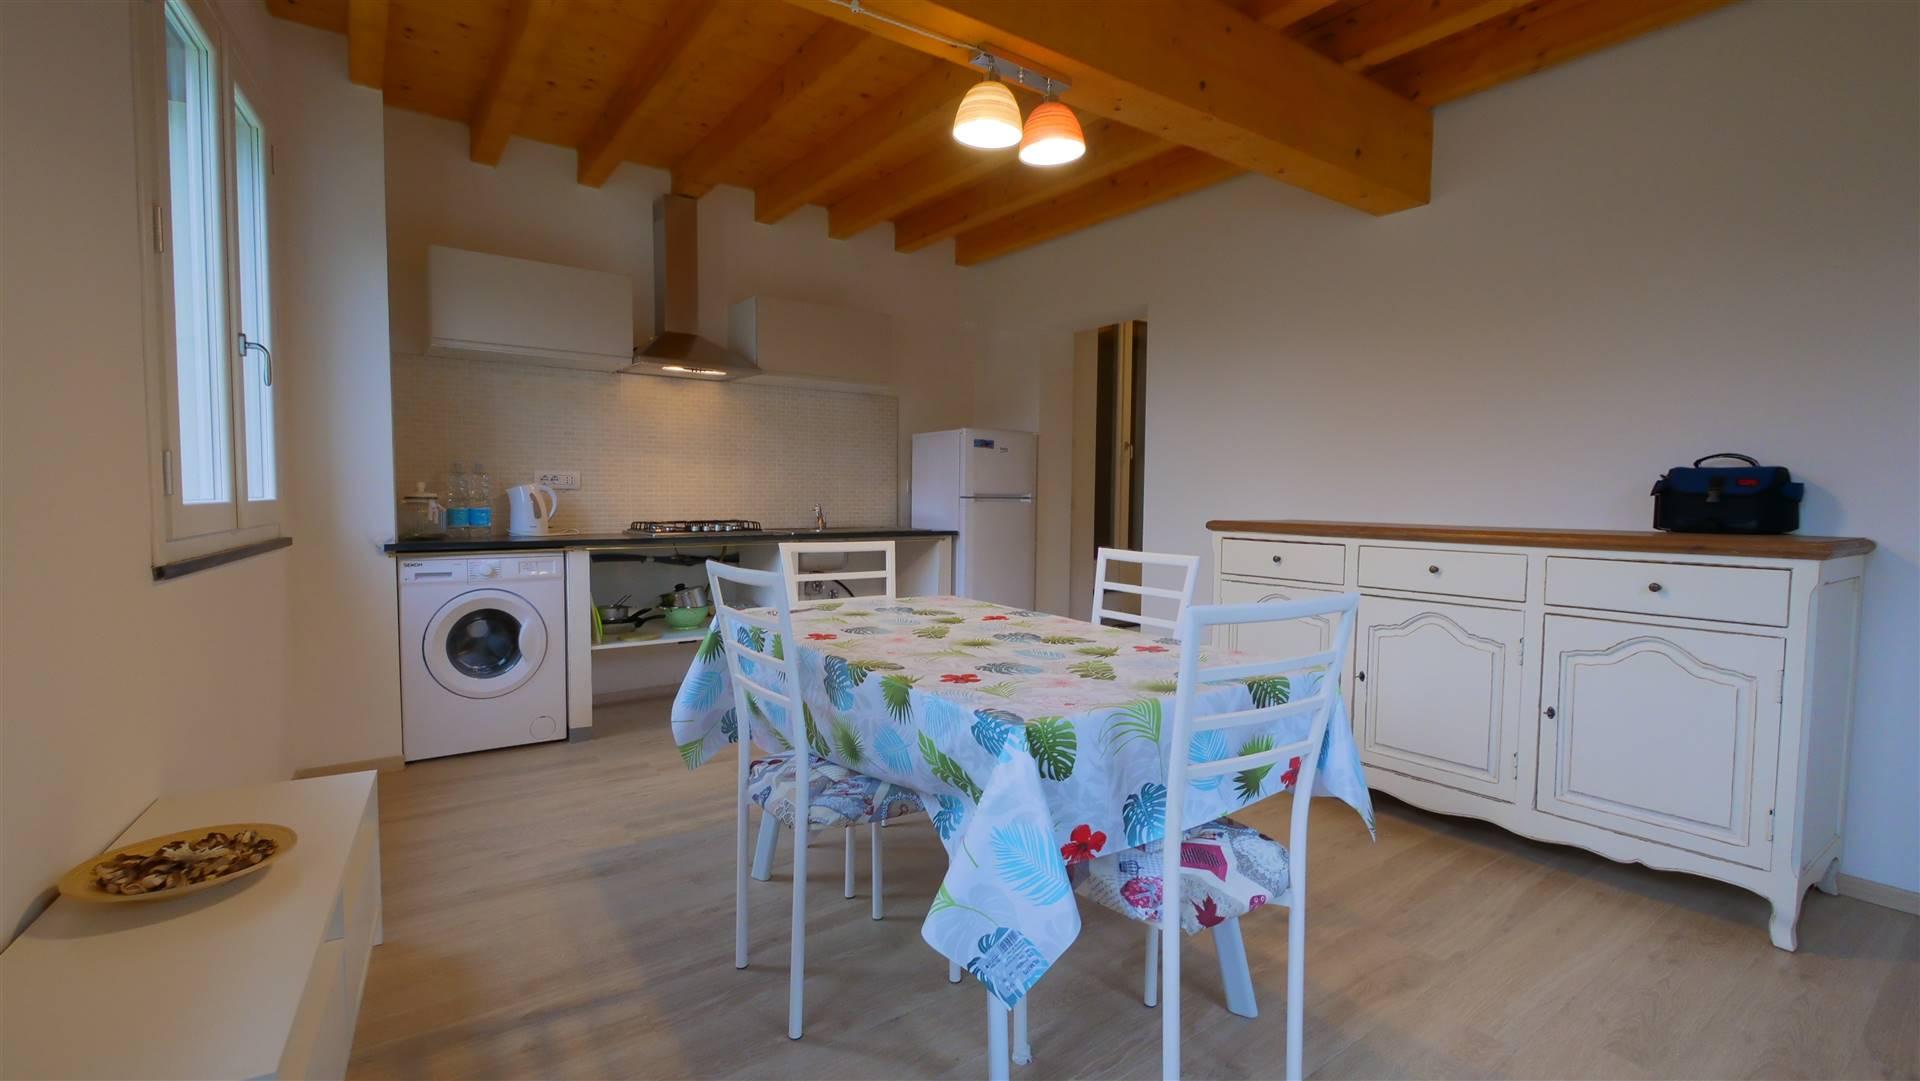 Soluzione Indipendente in vendita a Carrodano, 2 locali, zona a, prezzo € 98.000 | PortaleAgenzieImmobiliari.it